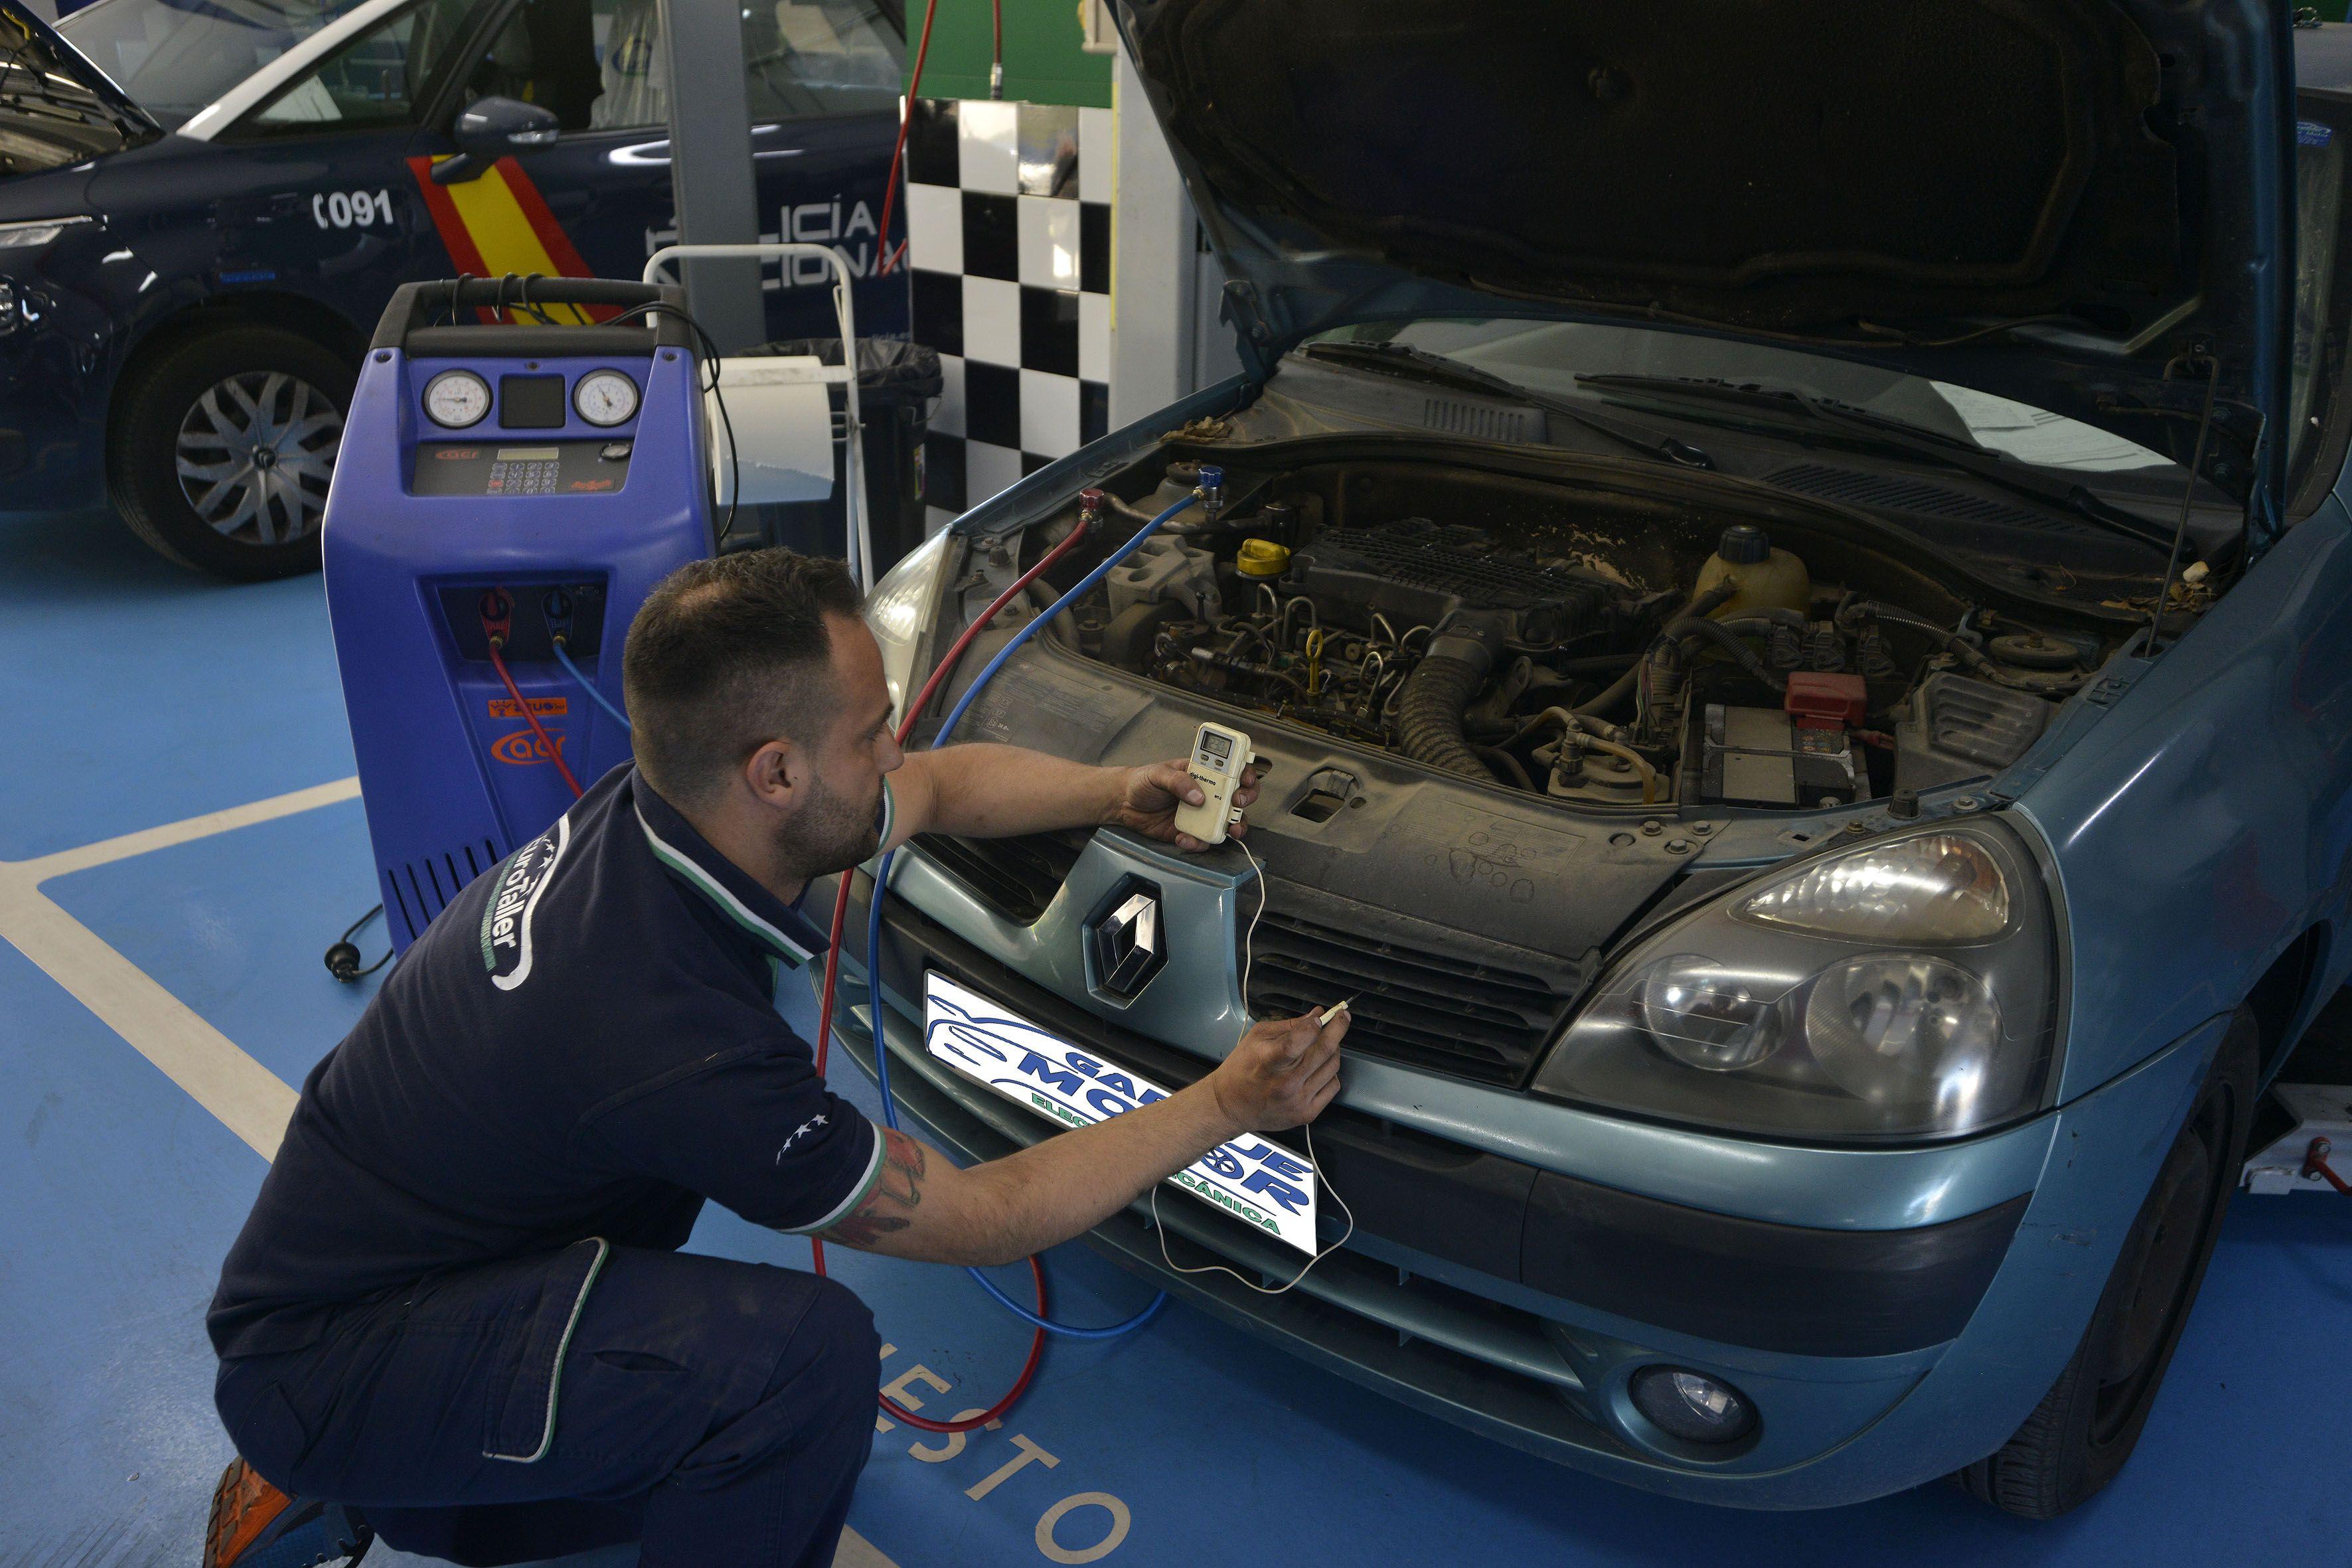 Taller especialista en electrónica de coches Jaén